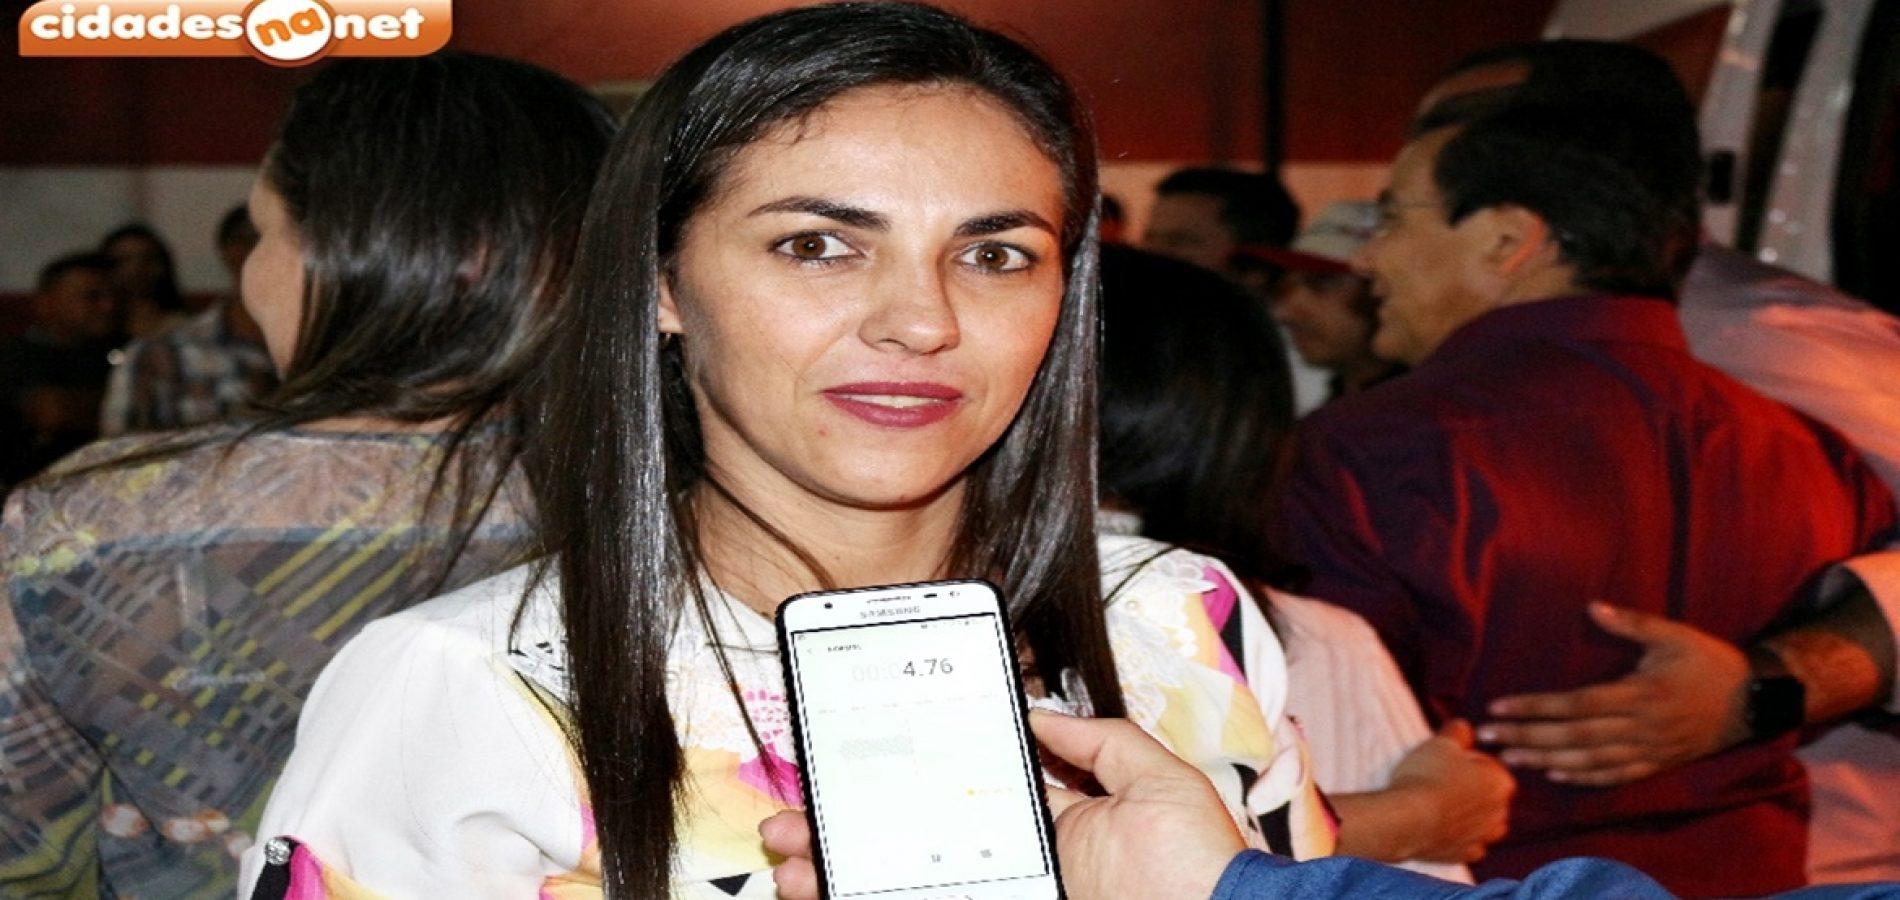 Saúde de Vila Nova do Piauí decreta quarentena e atende em casos de emergência e urgência